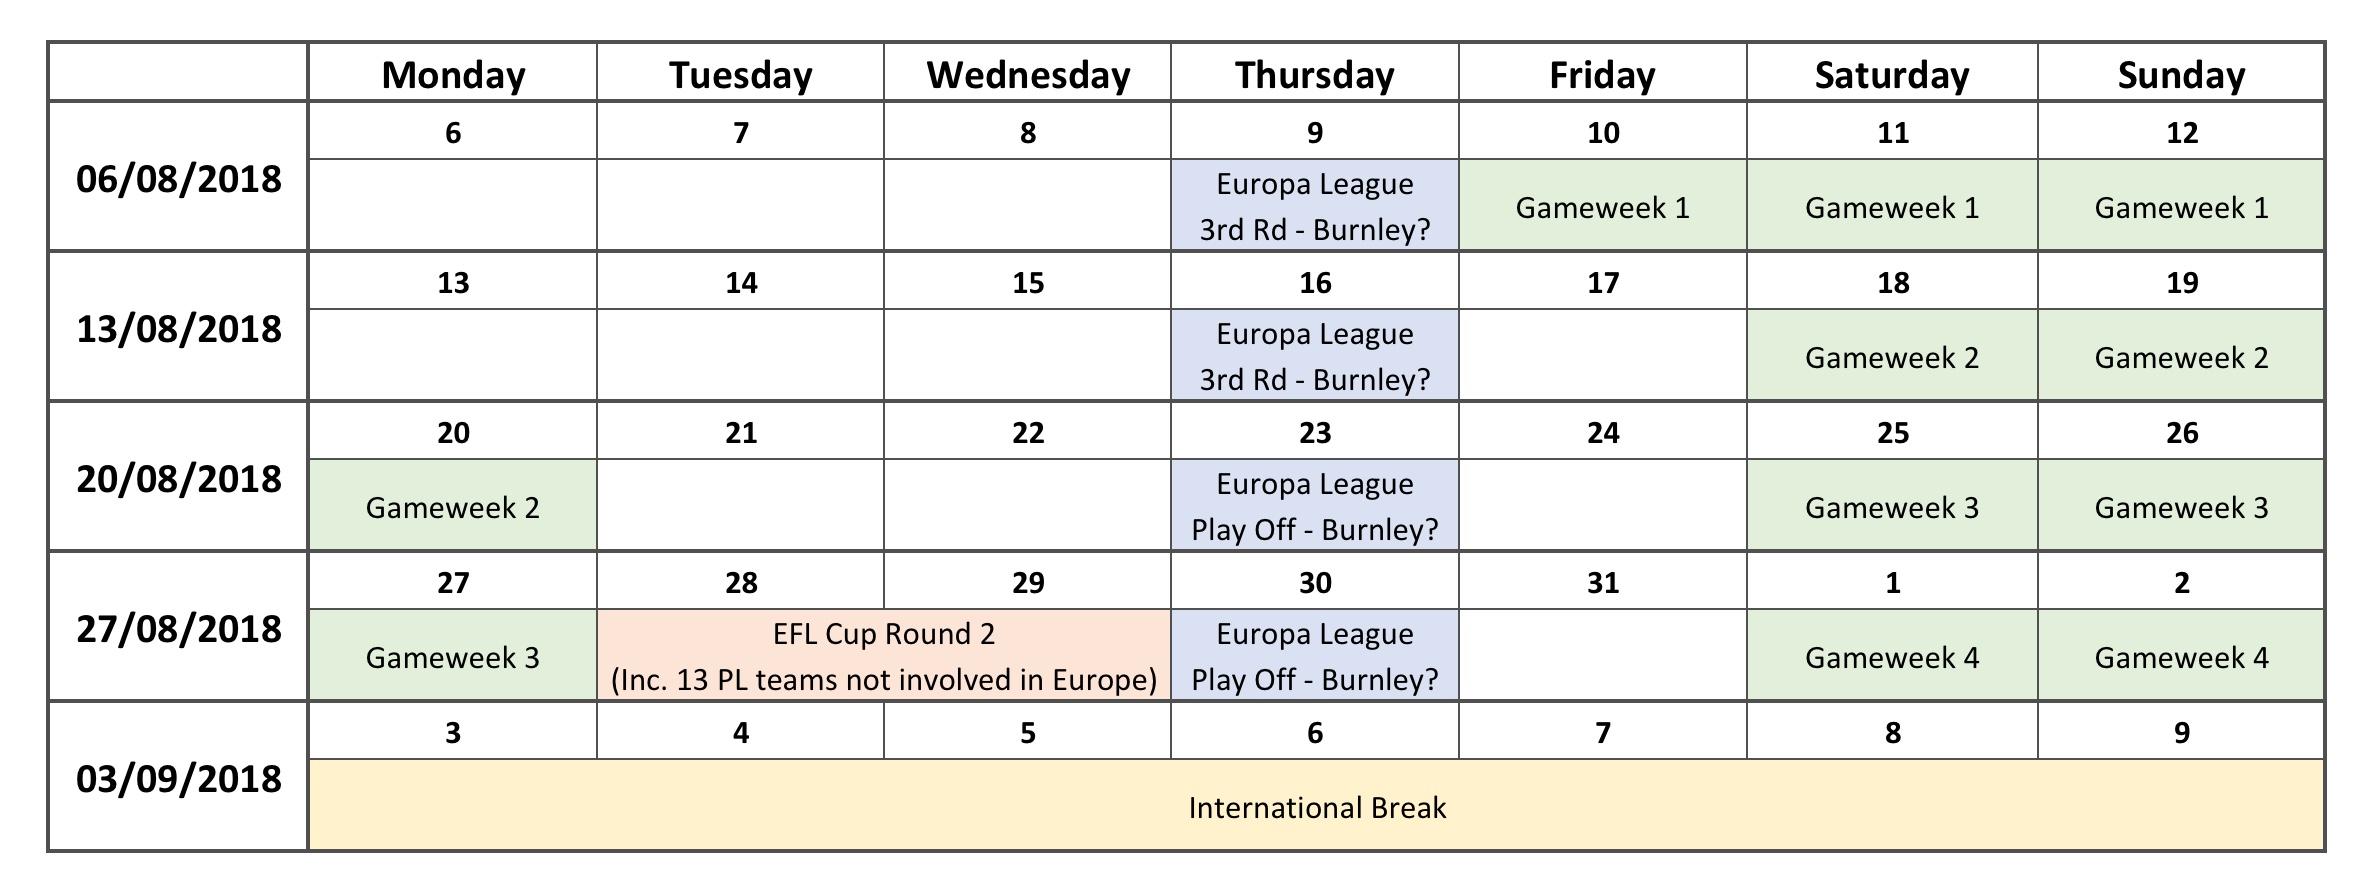 Gameweek 1-4